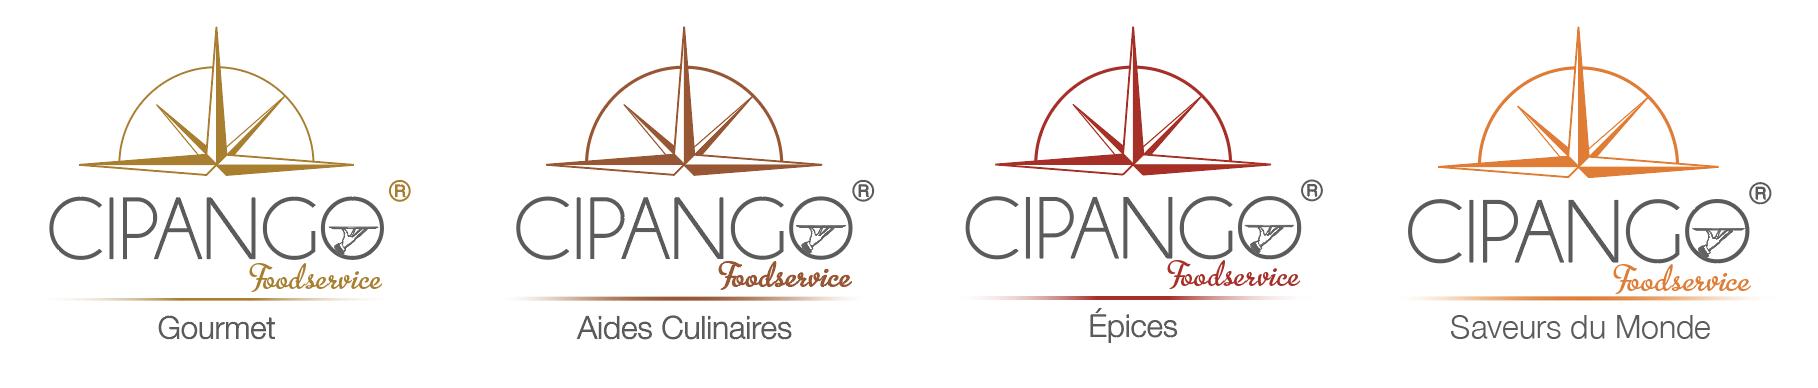 Logos gammes